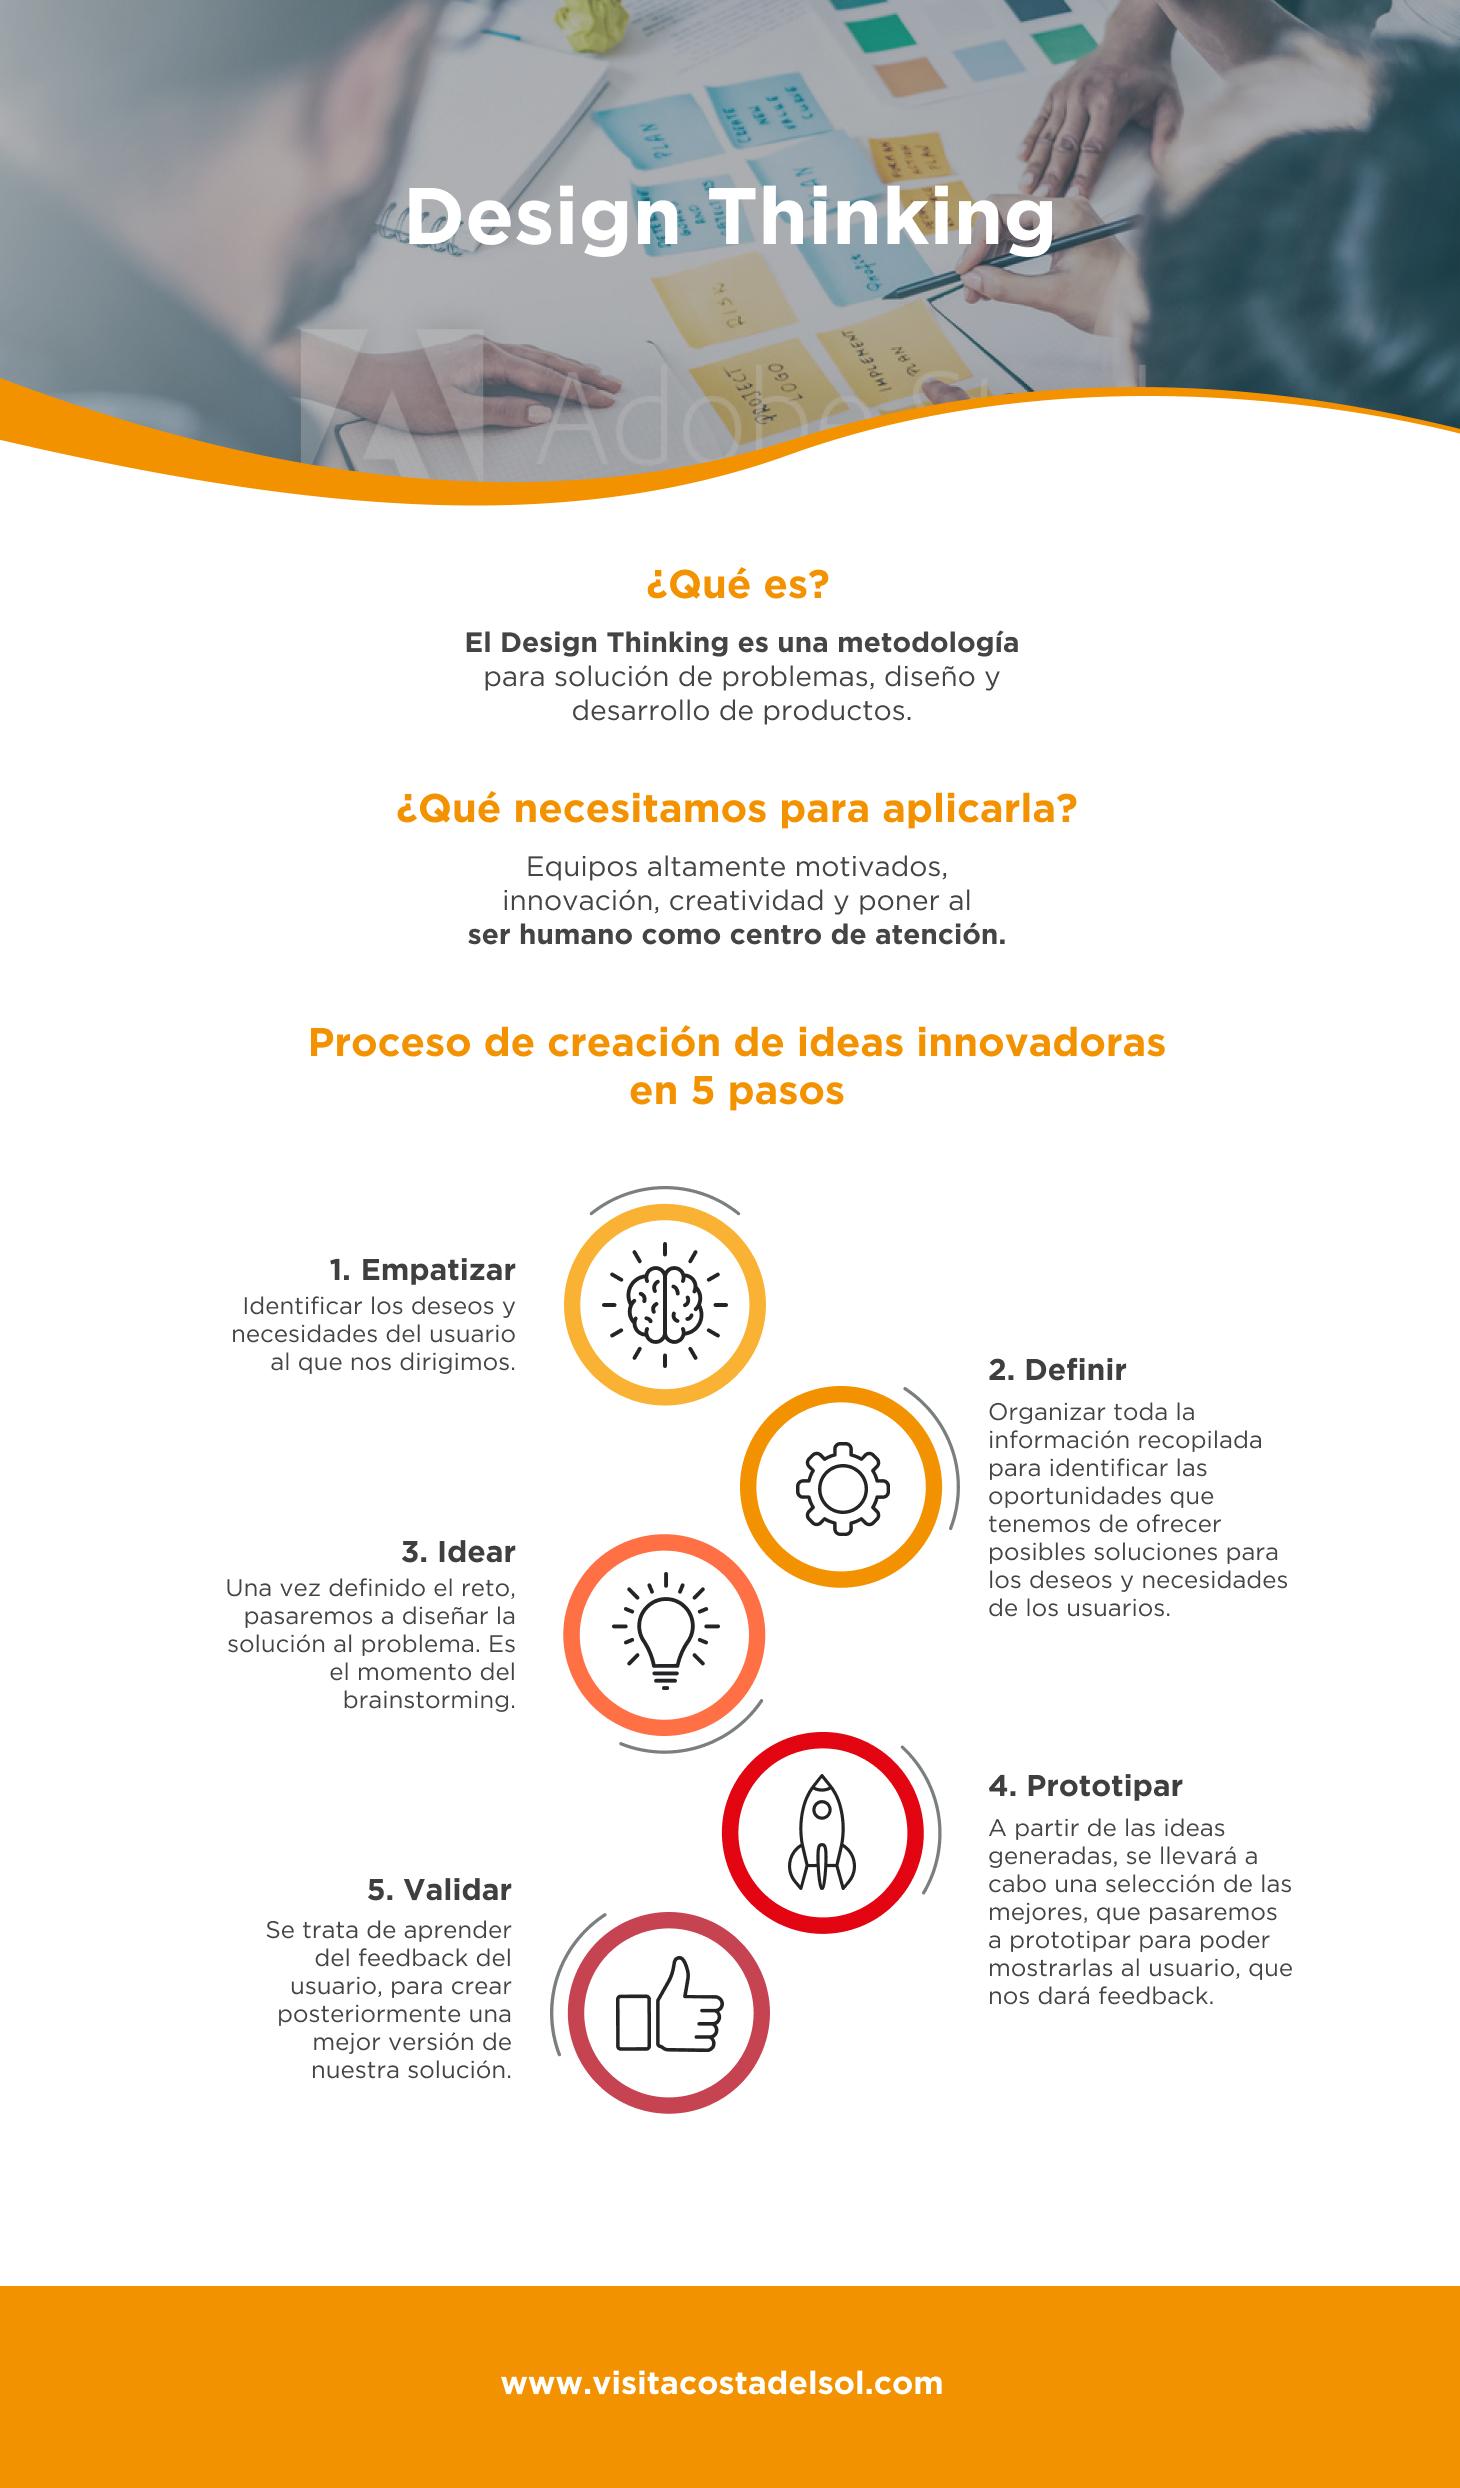 csol_infografia_2_design thinking_ES